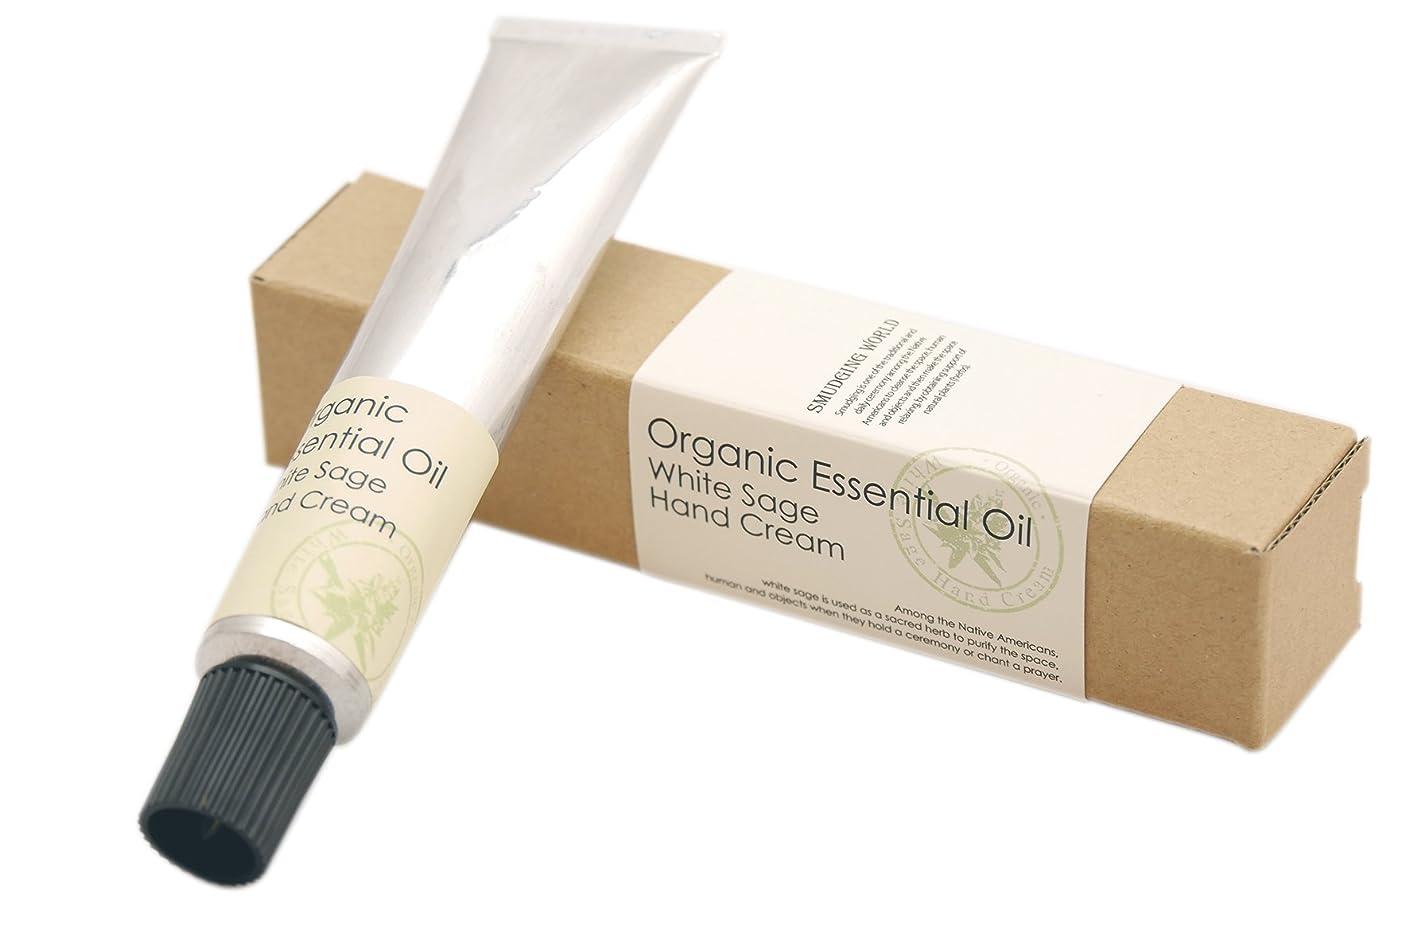 努力する精巧な抹消アロマレコルト ハンドクリーム ホワイトセージ 【White Sage】 オーガニック エッセンシャルオイル organic essential oil hand cream arome recolte